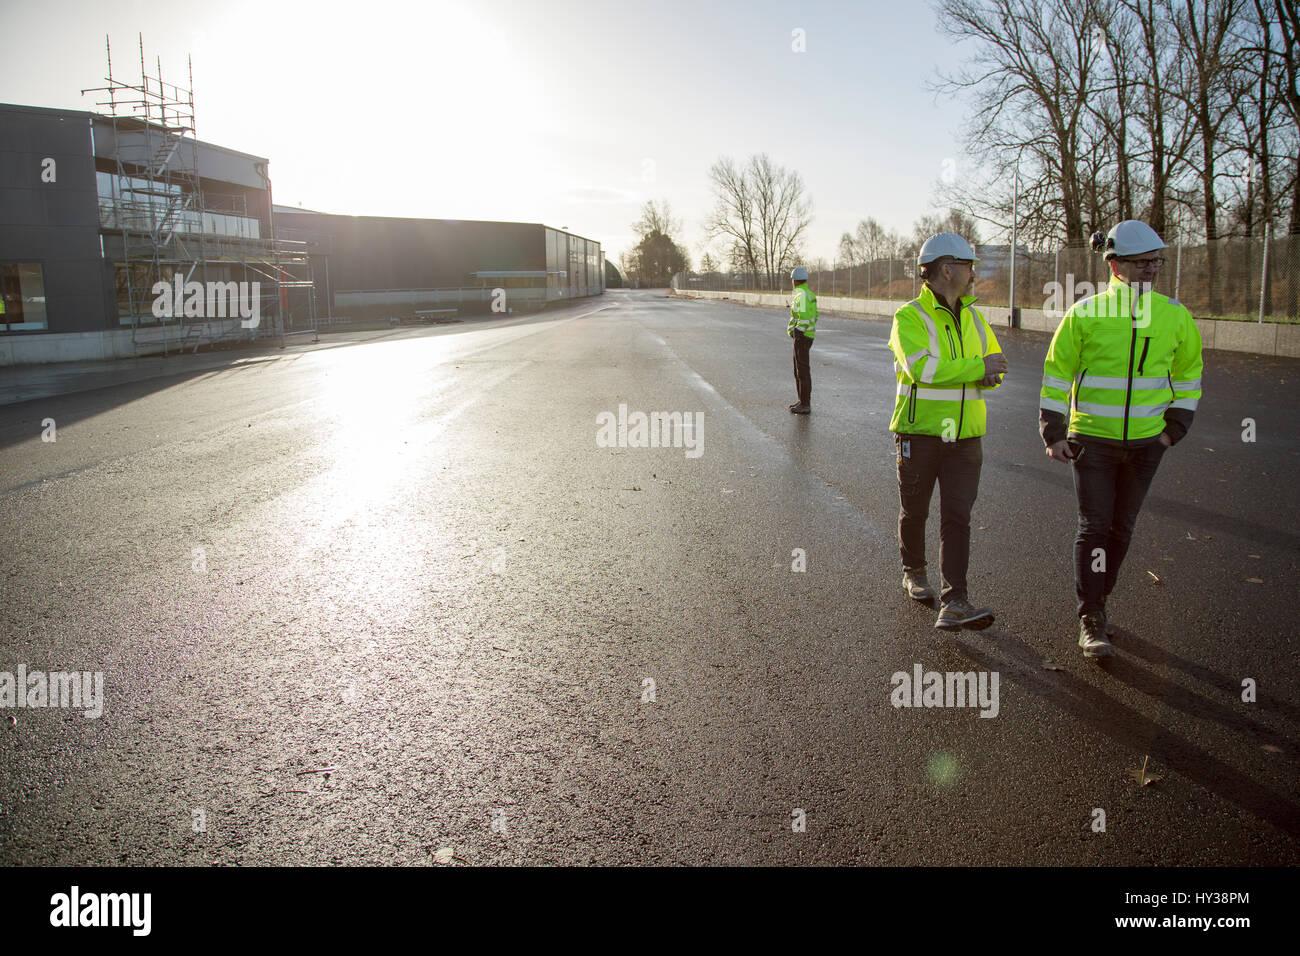 La Svezia, uomini maturi indossando indumenti da lavoro protettiva in strada al di fuori del sito in costruzione Immagini Stock